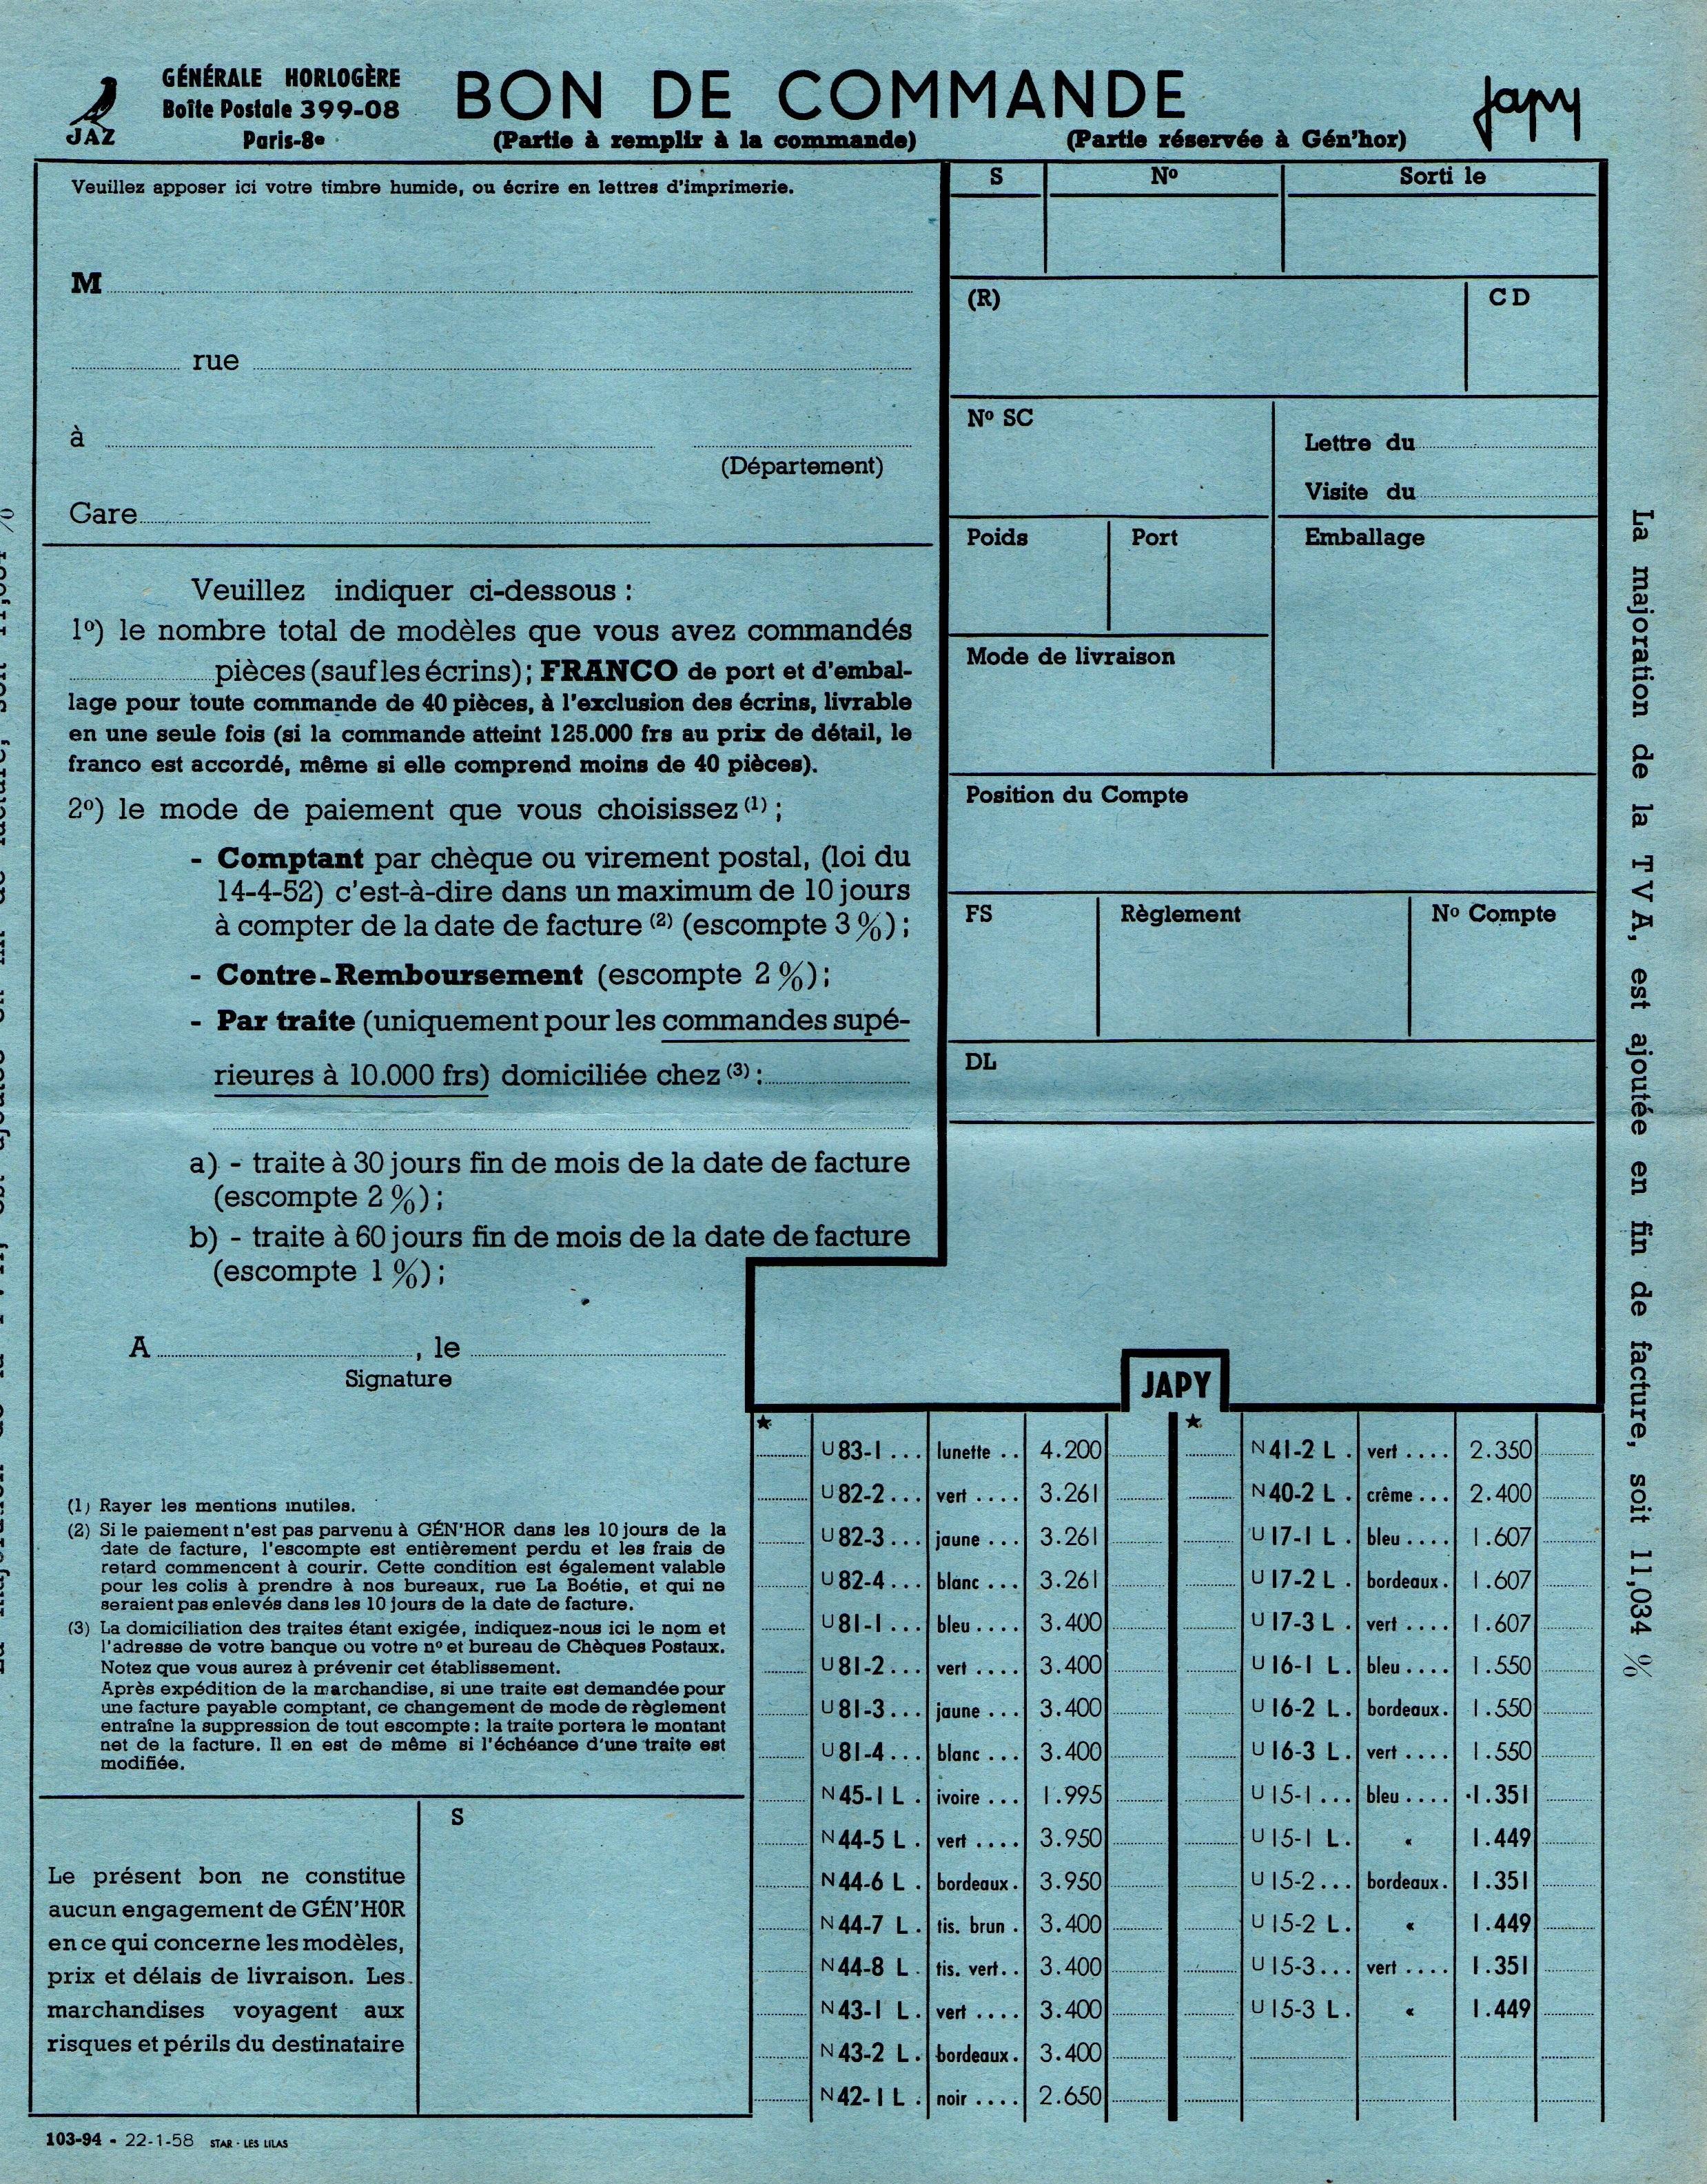 1958 bon de commande Janvier 1958 page 1